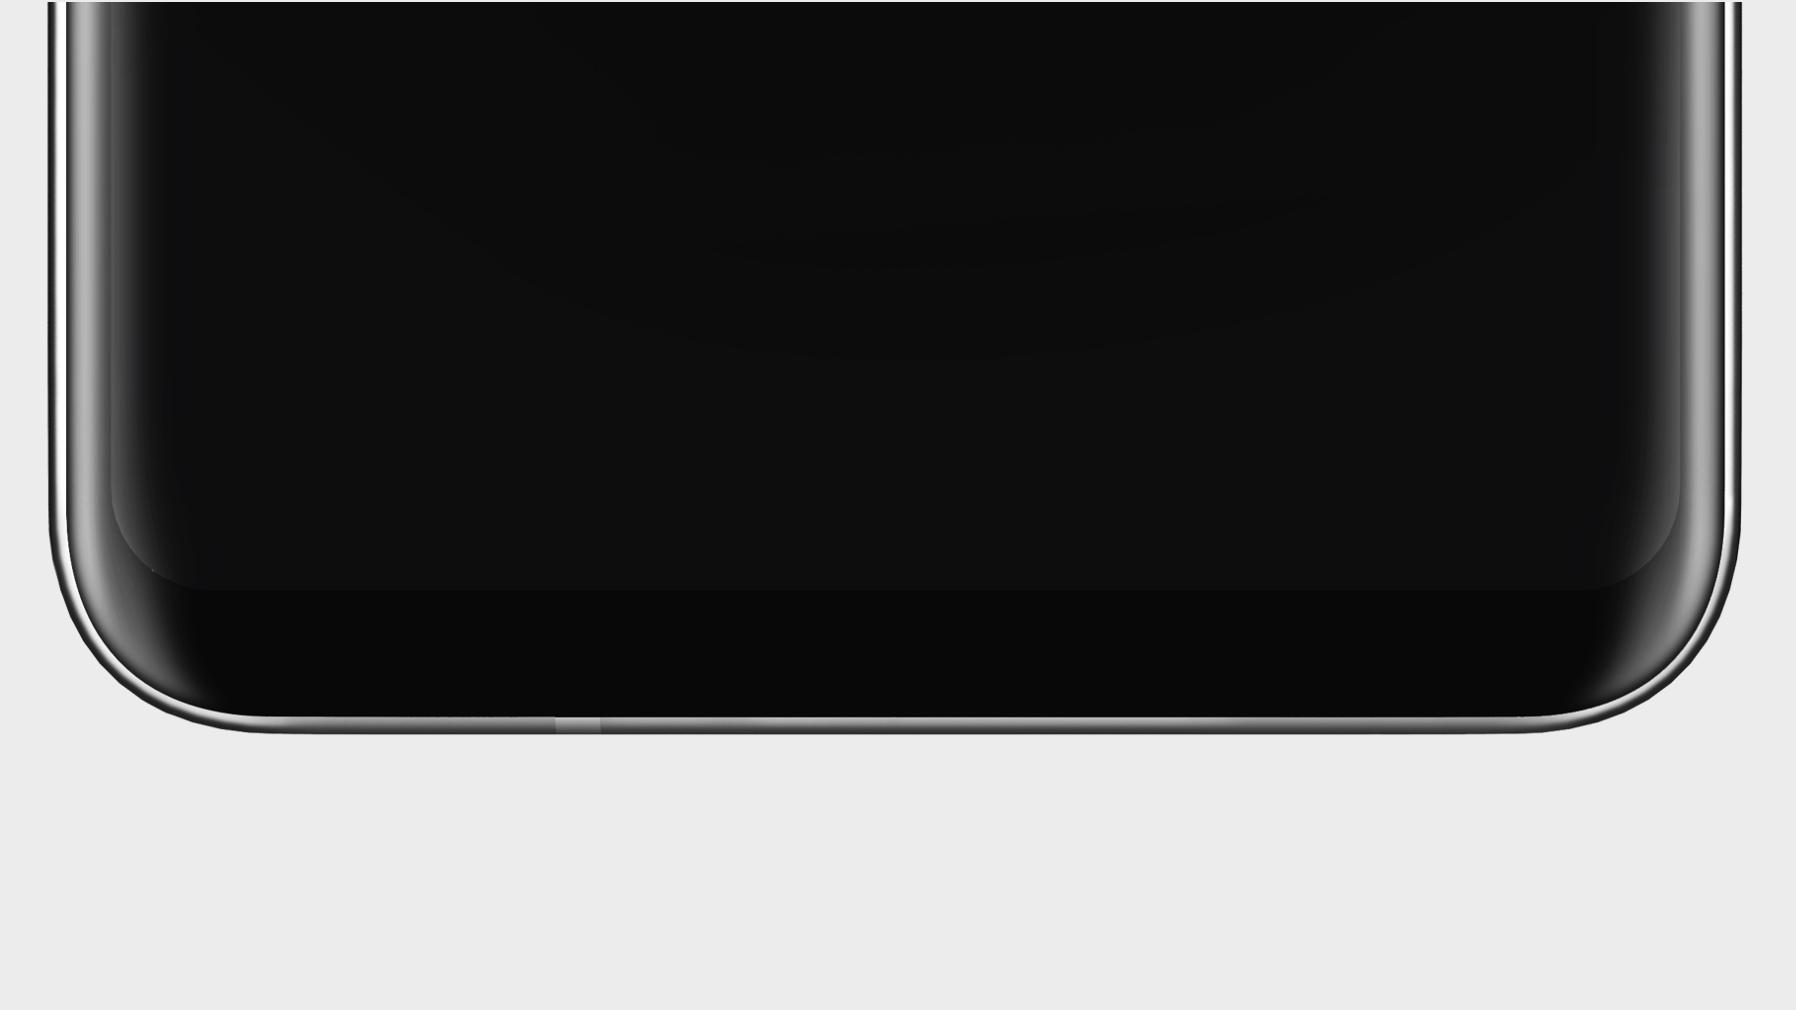 LG hinter om syltynne skjermrammer på V30 med dette bildet